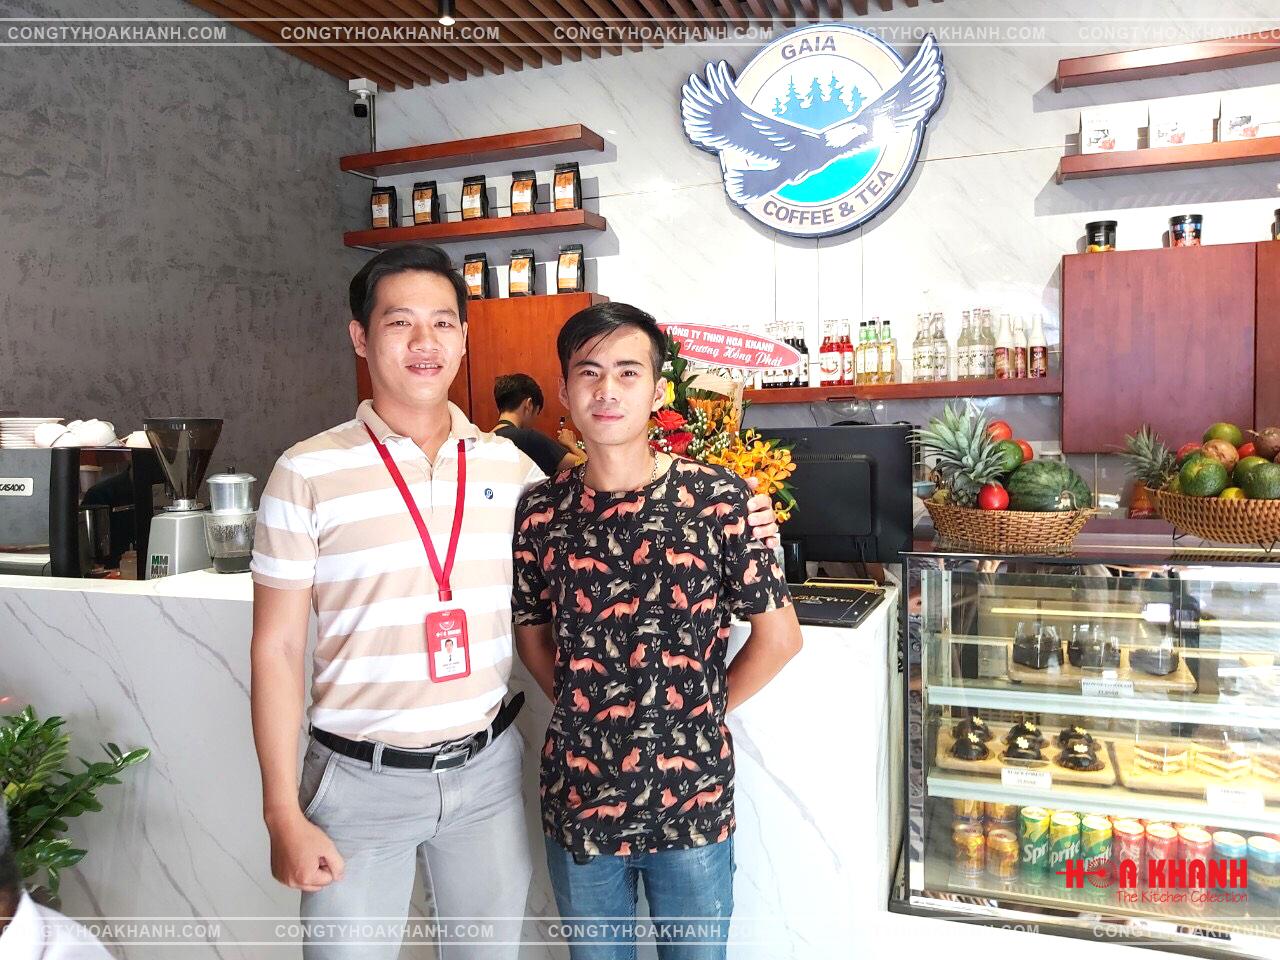 Chủ quán Gaia Coffee (phải) và nhân viên của Hoa Khanh trong ngày khai trương.